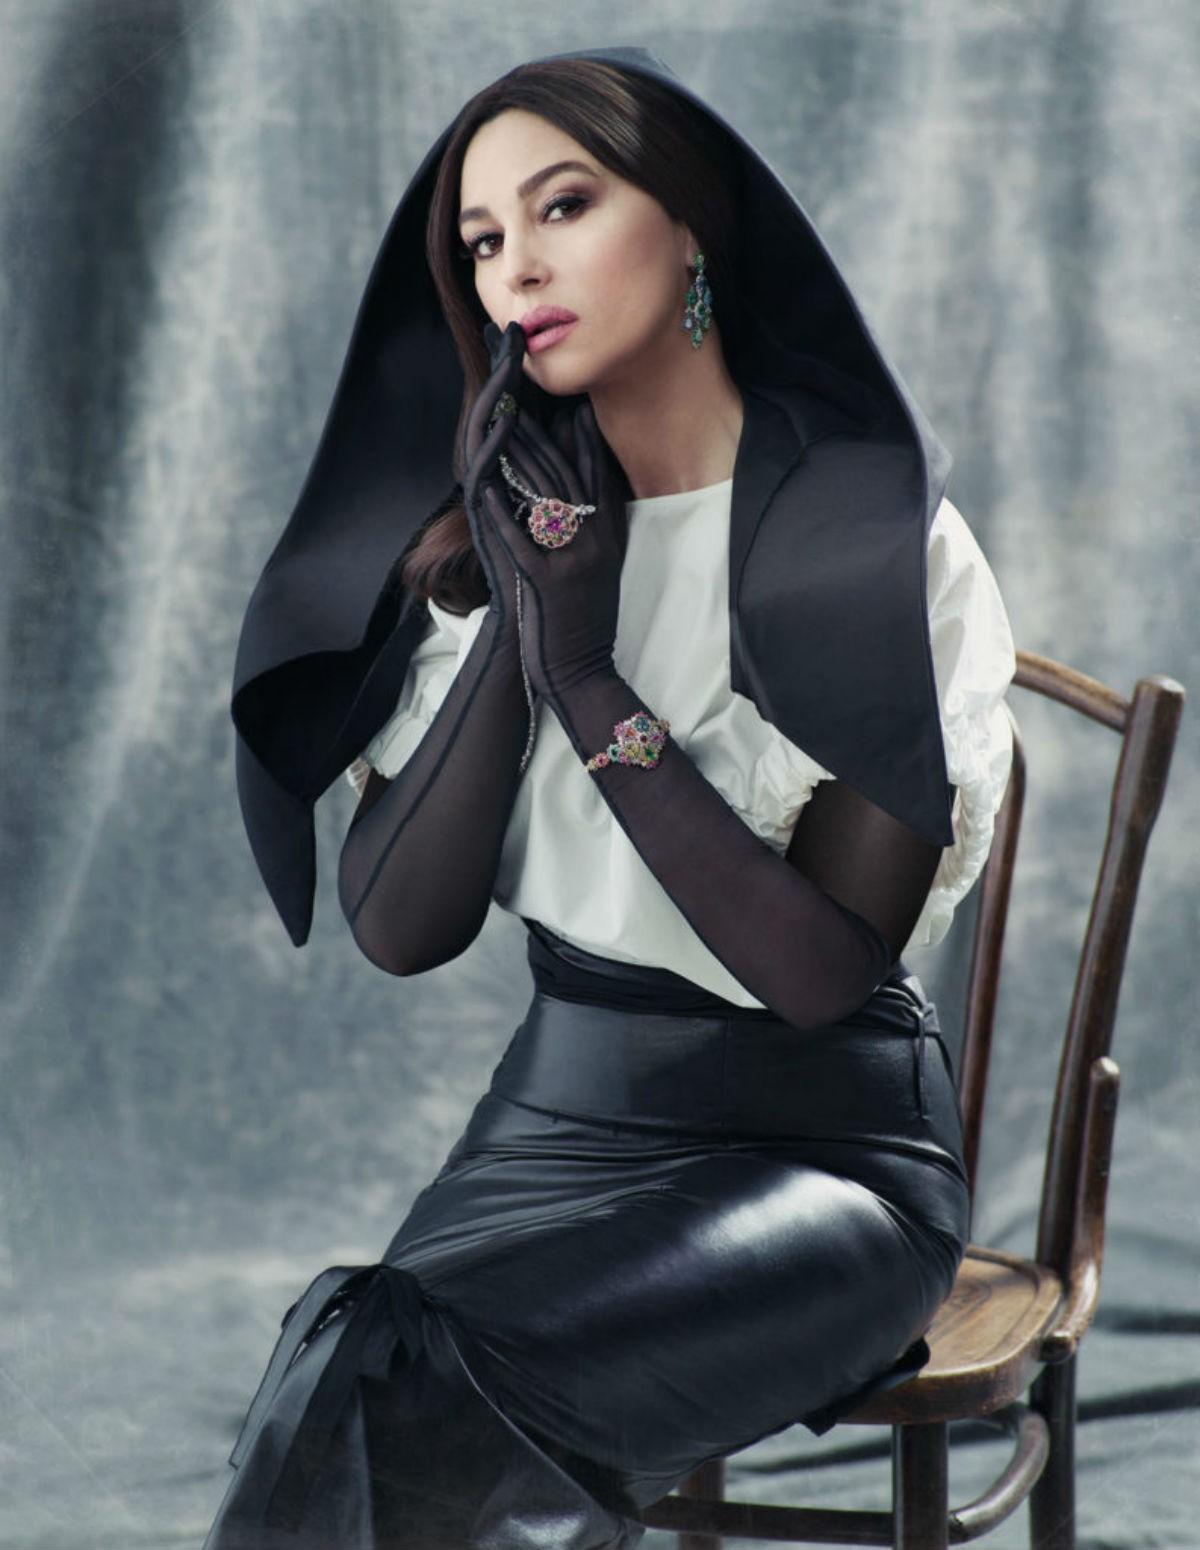 Моника Беллуччи в своей новой весьма откровенной фотосессии снова поразила всех своим великолепием образов